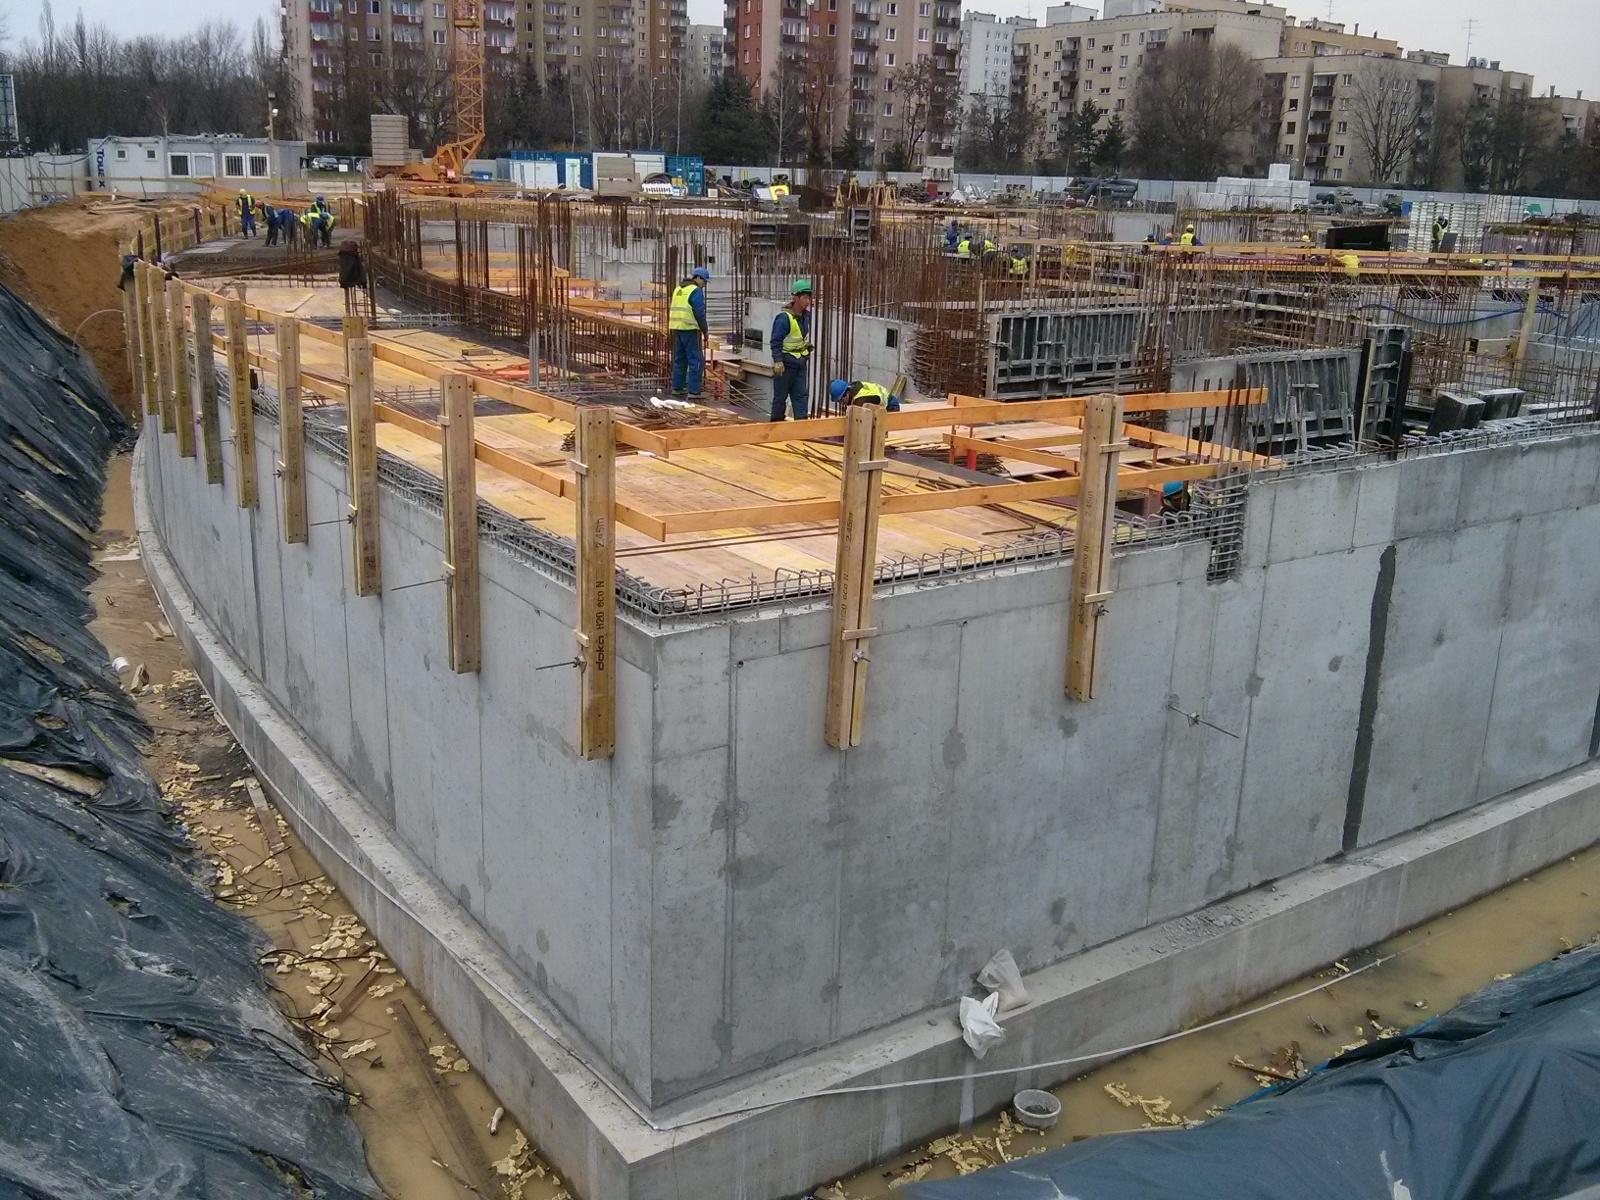 Tanie nowe mieszkania w Krakowie z dopłatą MdM